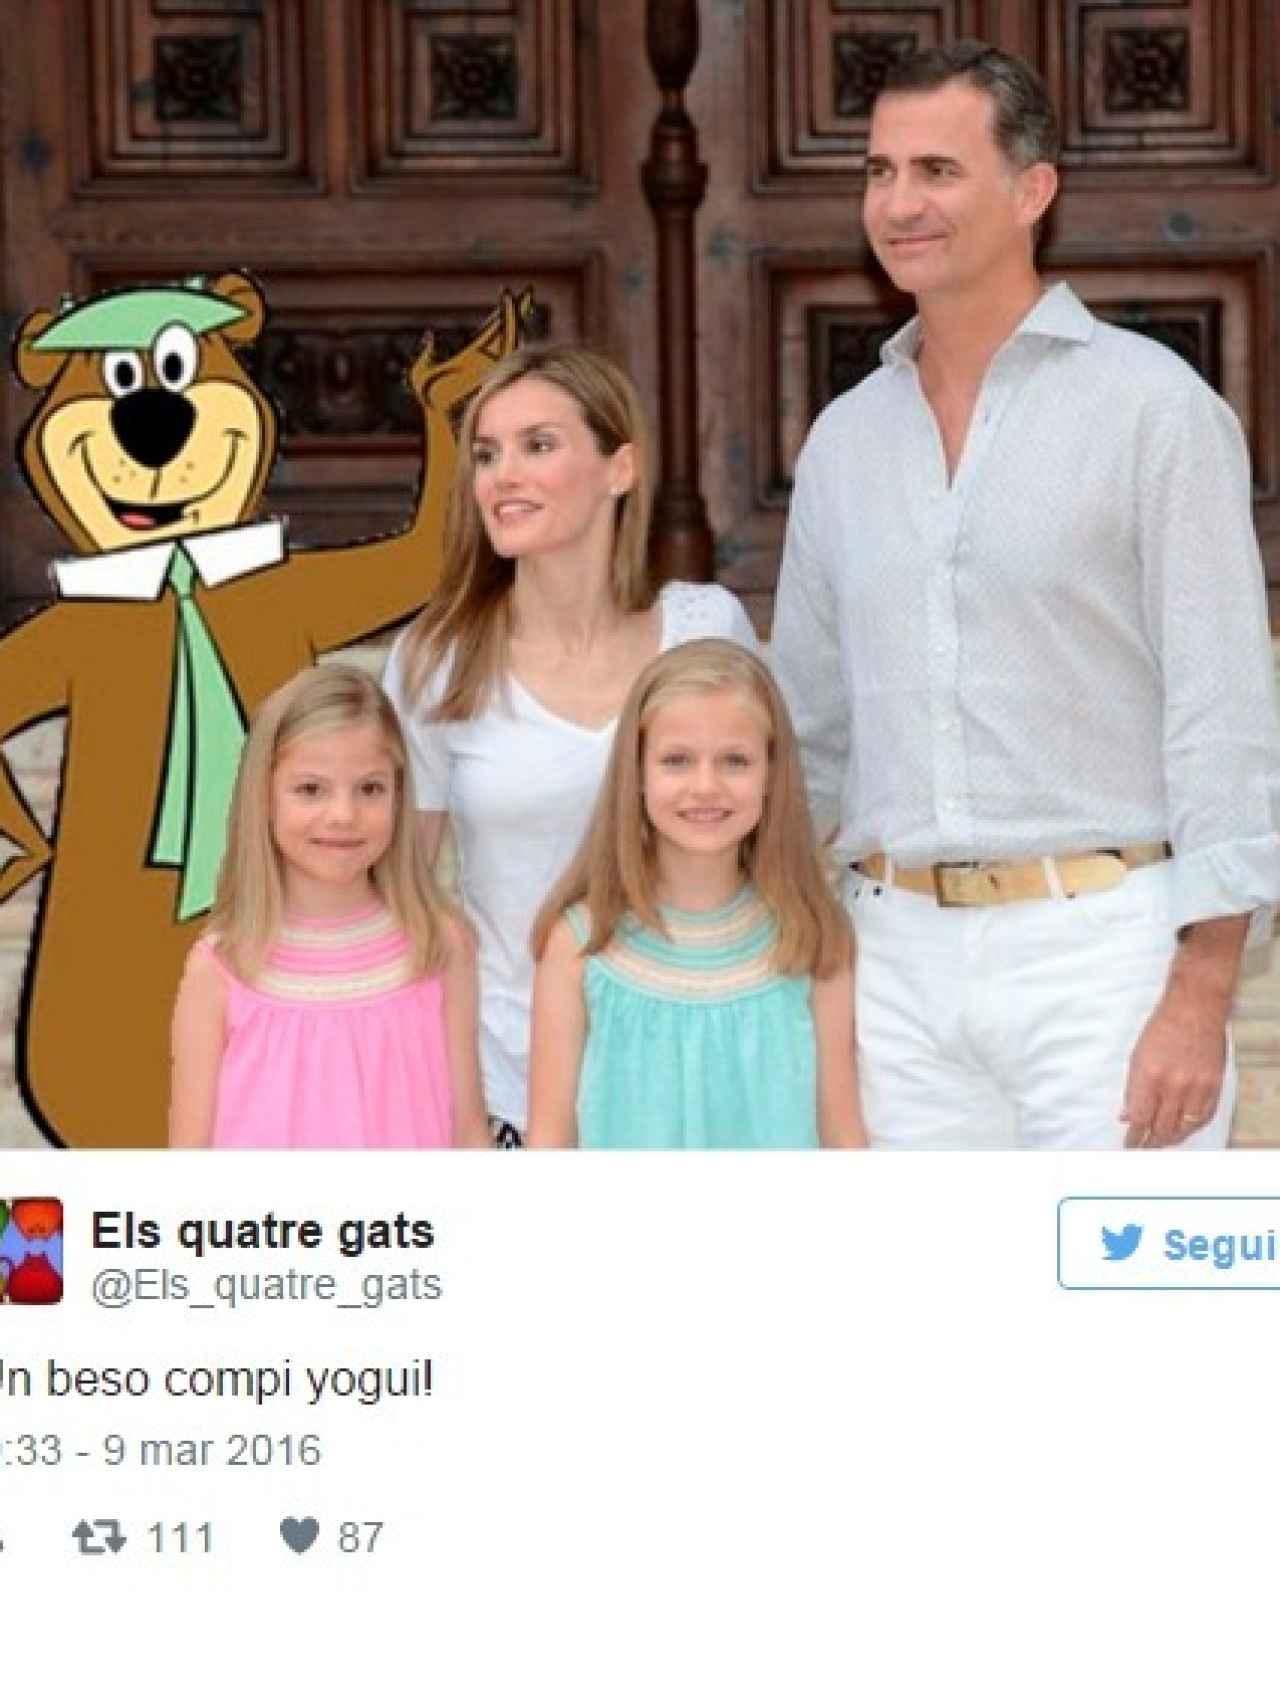 La familia junto al oso Yogui